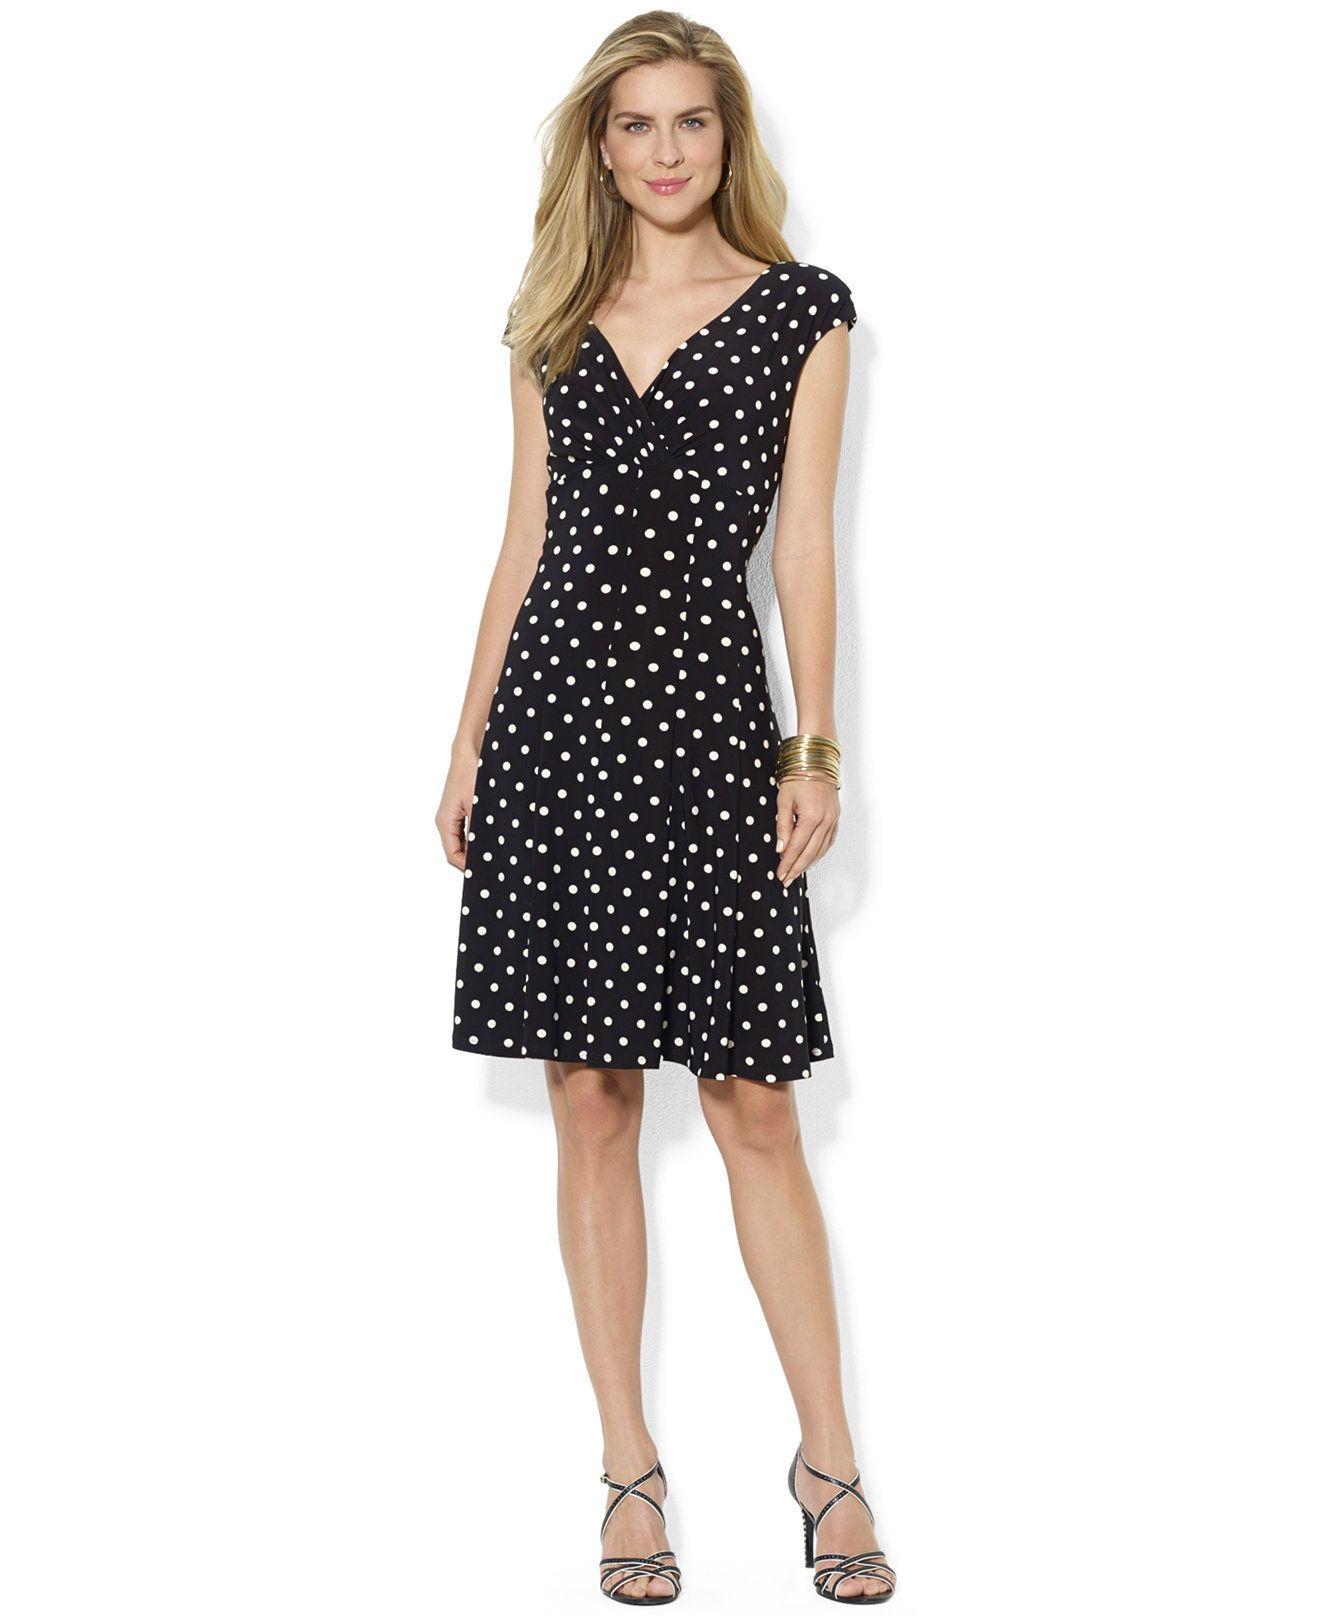 44344092bdc8 Lauren Ralph Lauren Petite Polka-Dot Cap-Sleeve Dress - Dresses - Women -  Macy's